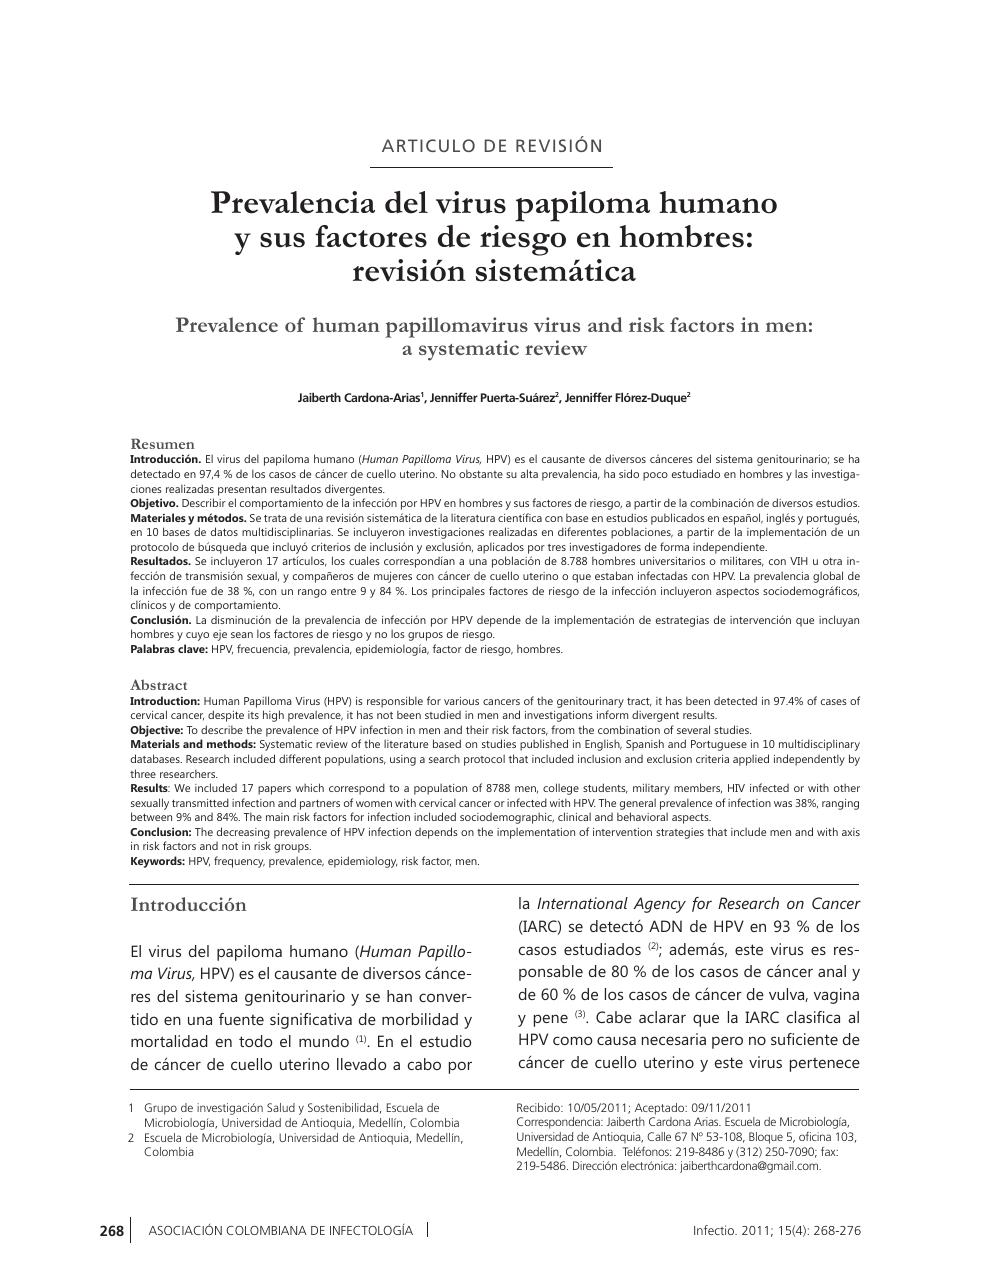 virus del papiloma humano articulos cancer que enfermedad es